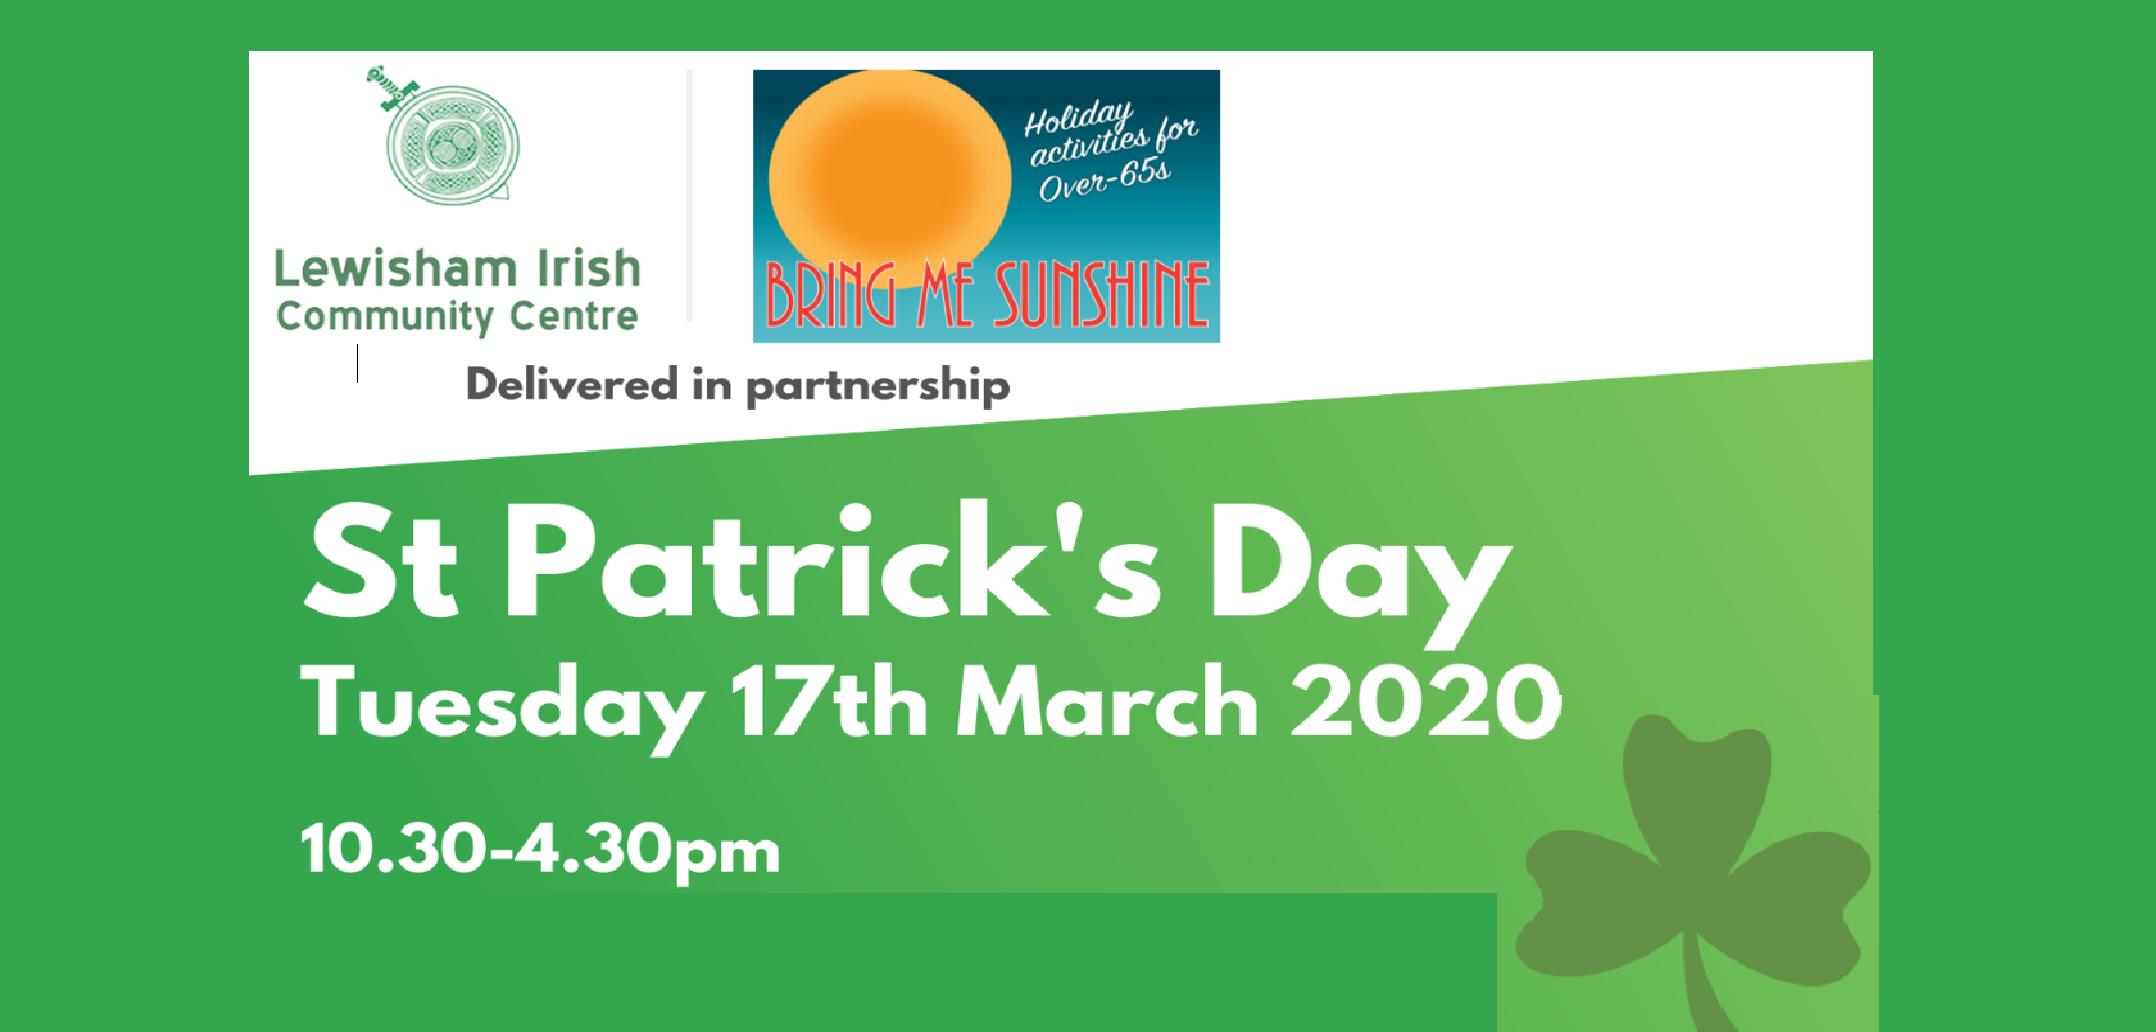 Bring Me Sunshine – St Patrick's Day Celebration for Older People